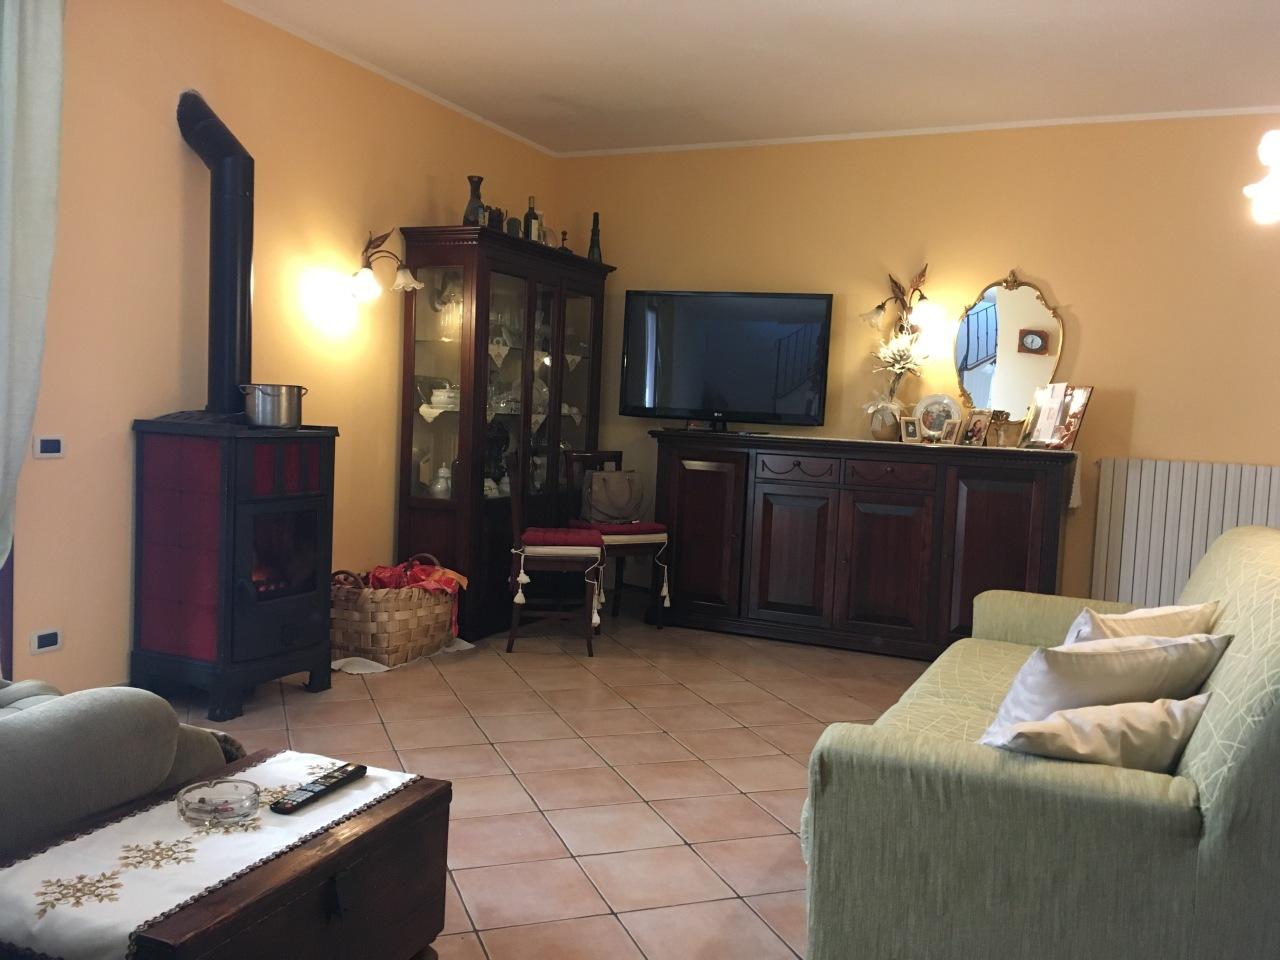 Soluzione Indipendente in vendita a Pontedera, 6 locali, prezzo € 300.000 | Cambio Casa.it